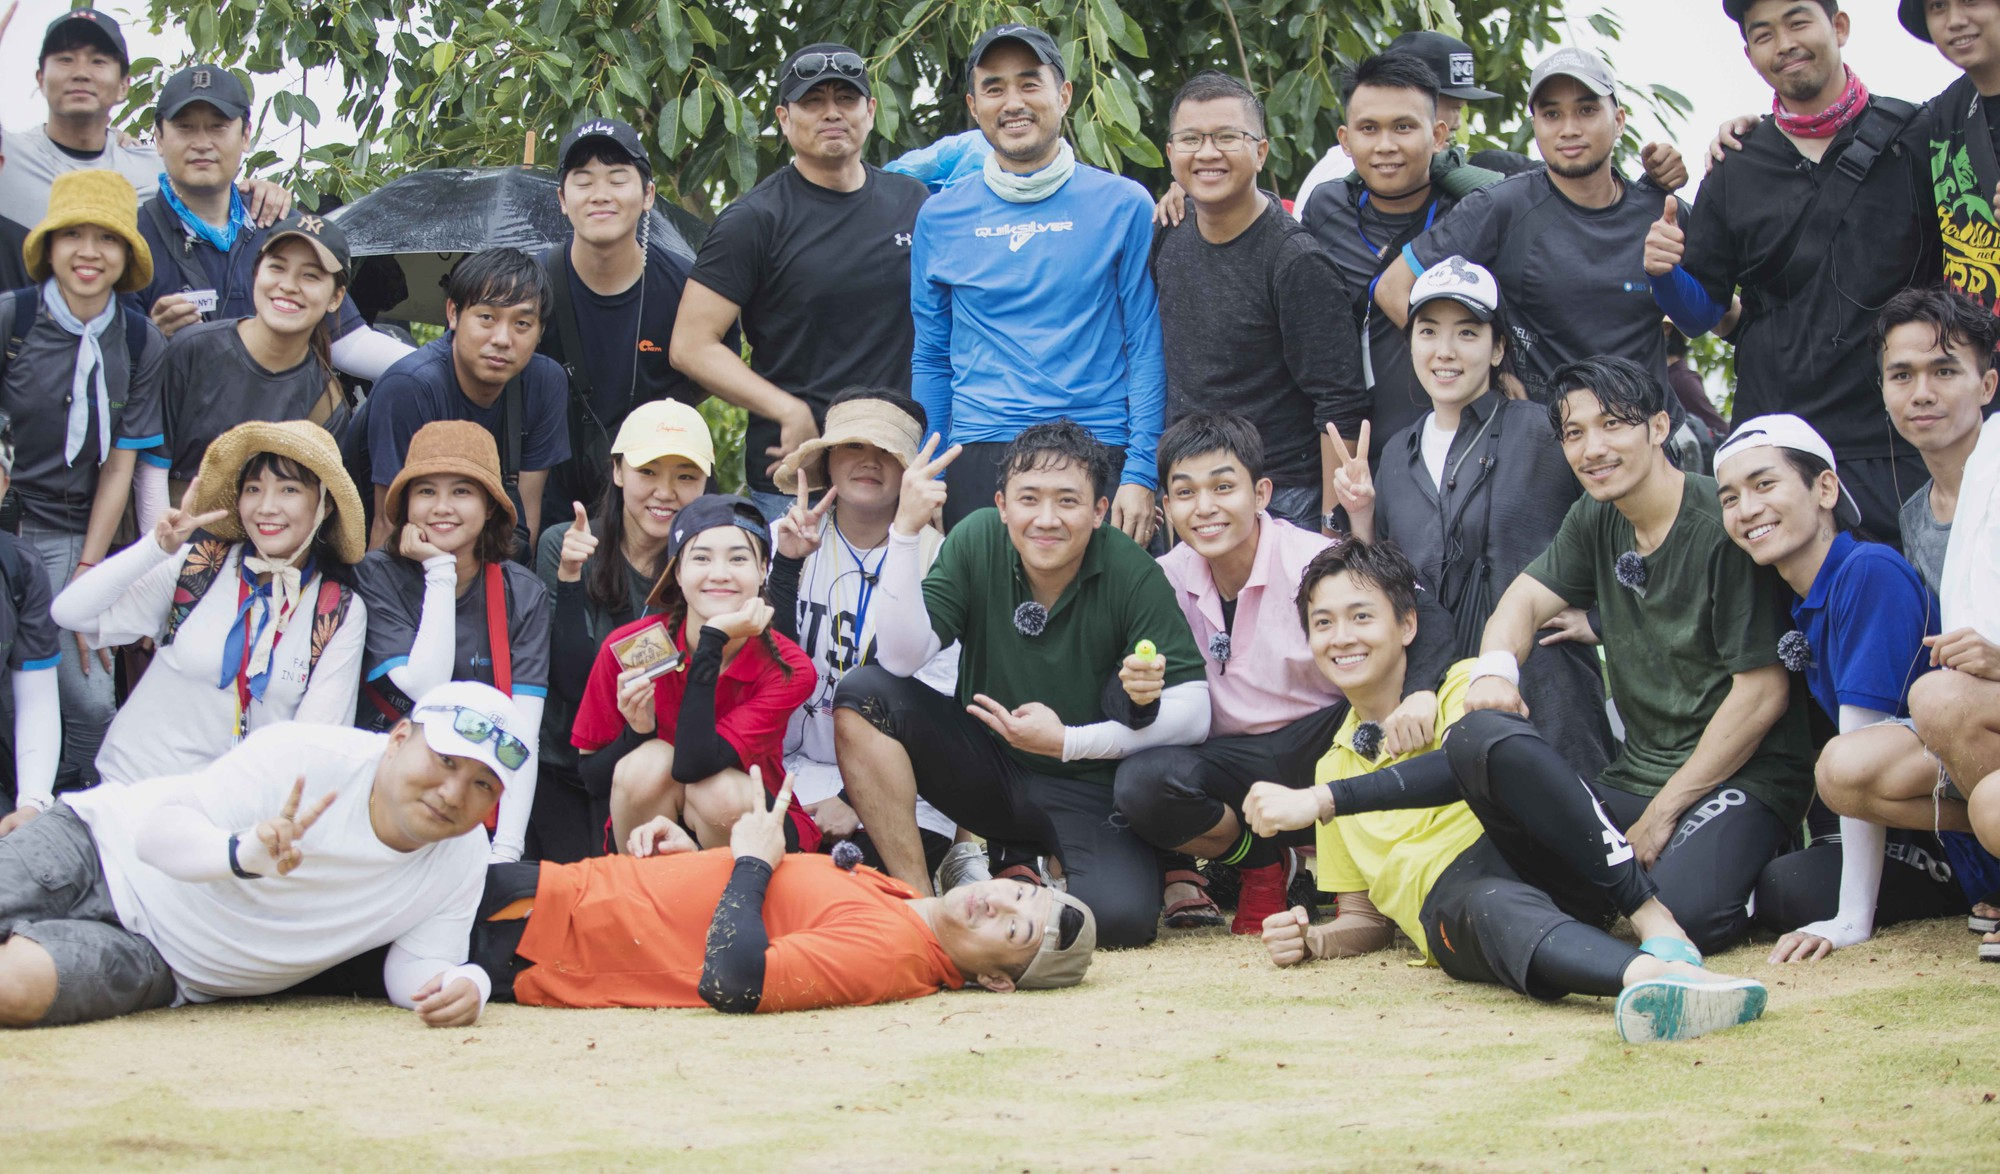 Nhìn lại những khoảnh khắc tình cảm của Running Man Việt và nghe dàn cast tâm sự sau mùa đầu tiên - Ảnh 28.